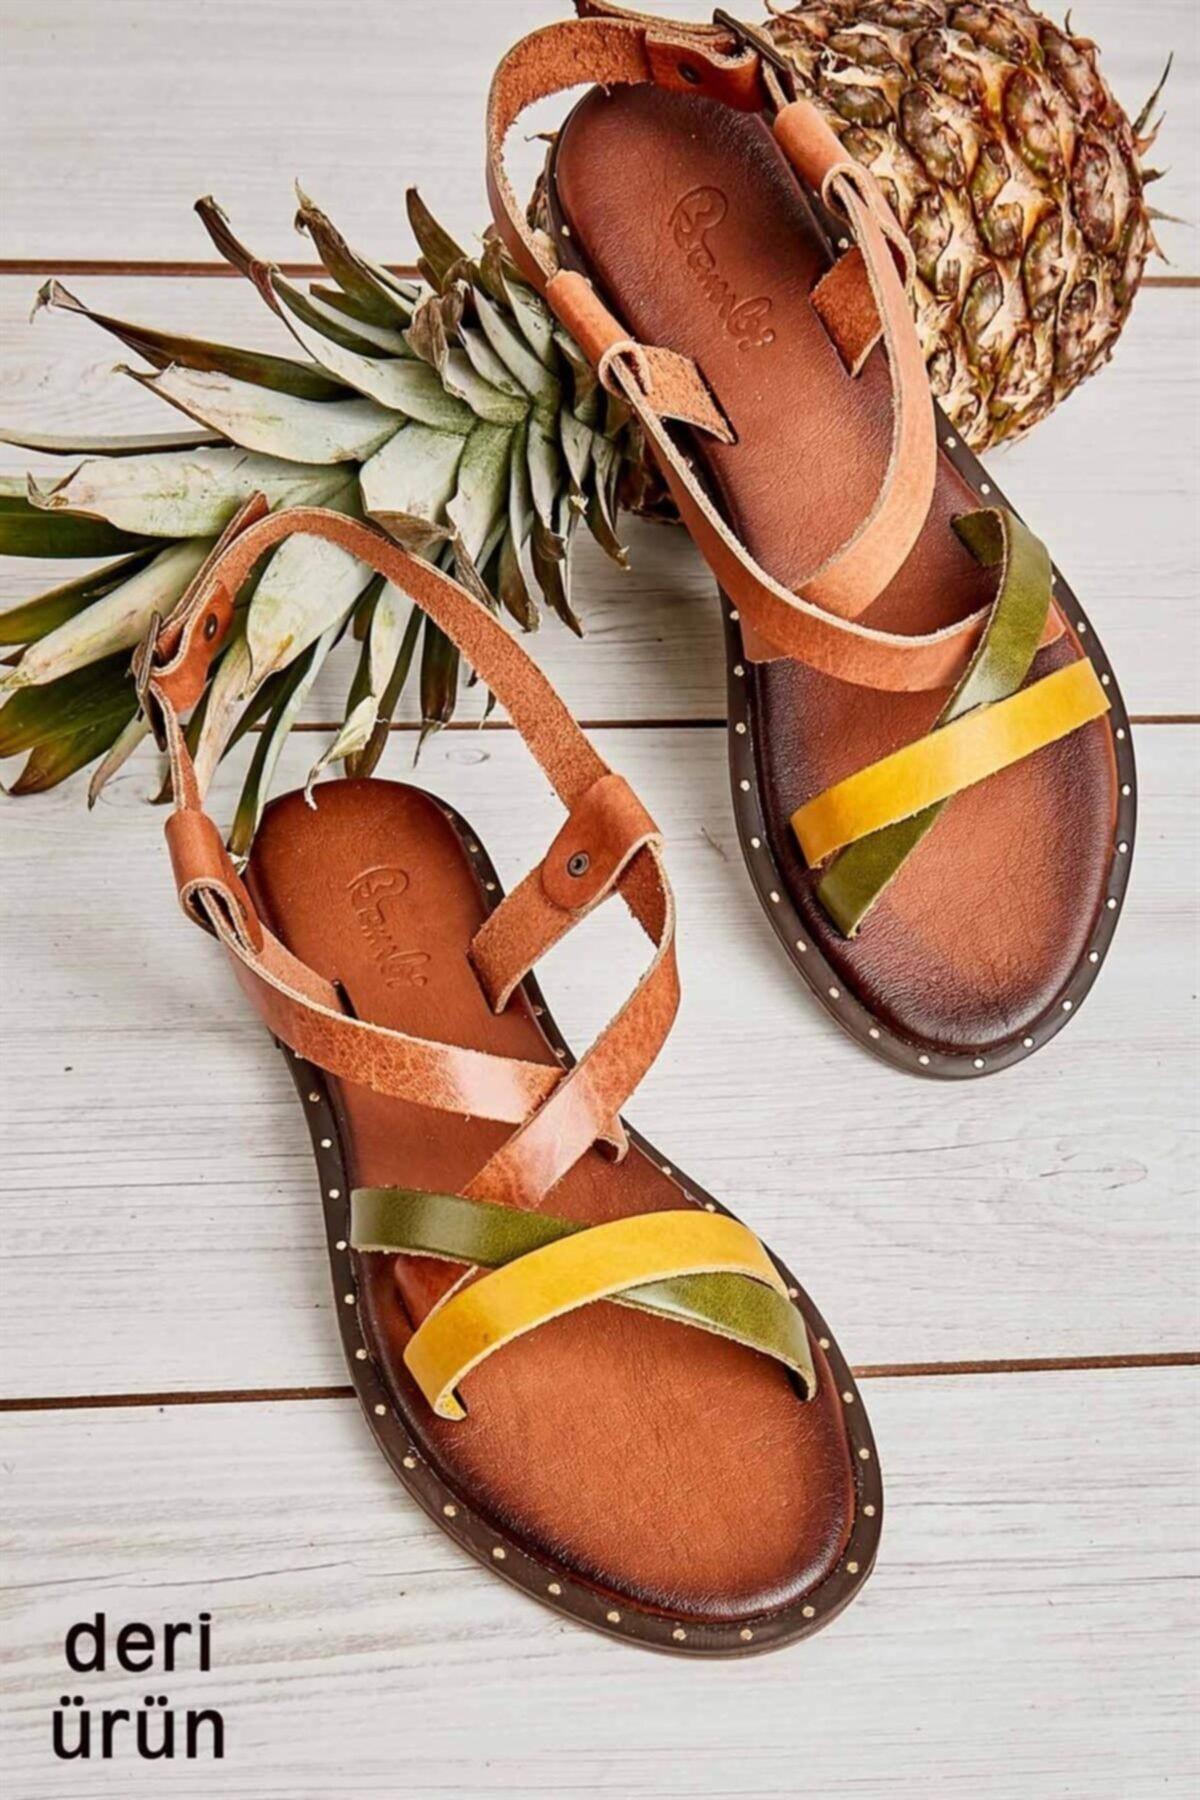 Bambi Sarı/yeşil/taba Kadın Sandalet L0685081303 1